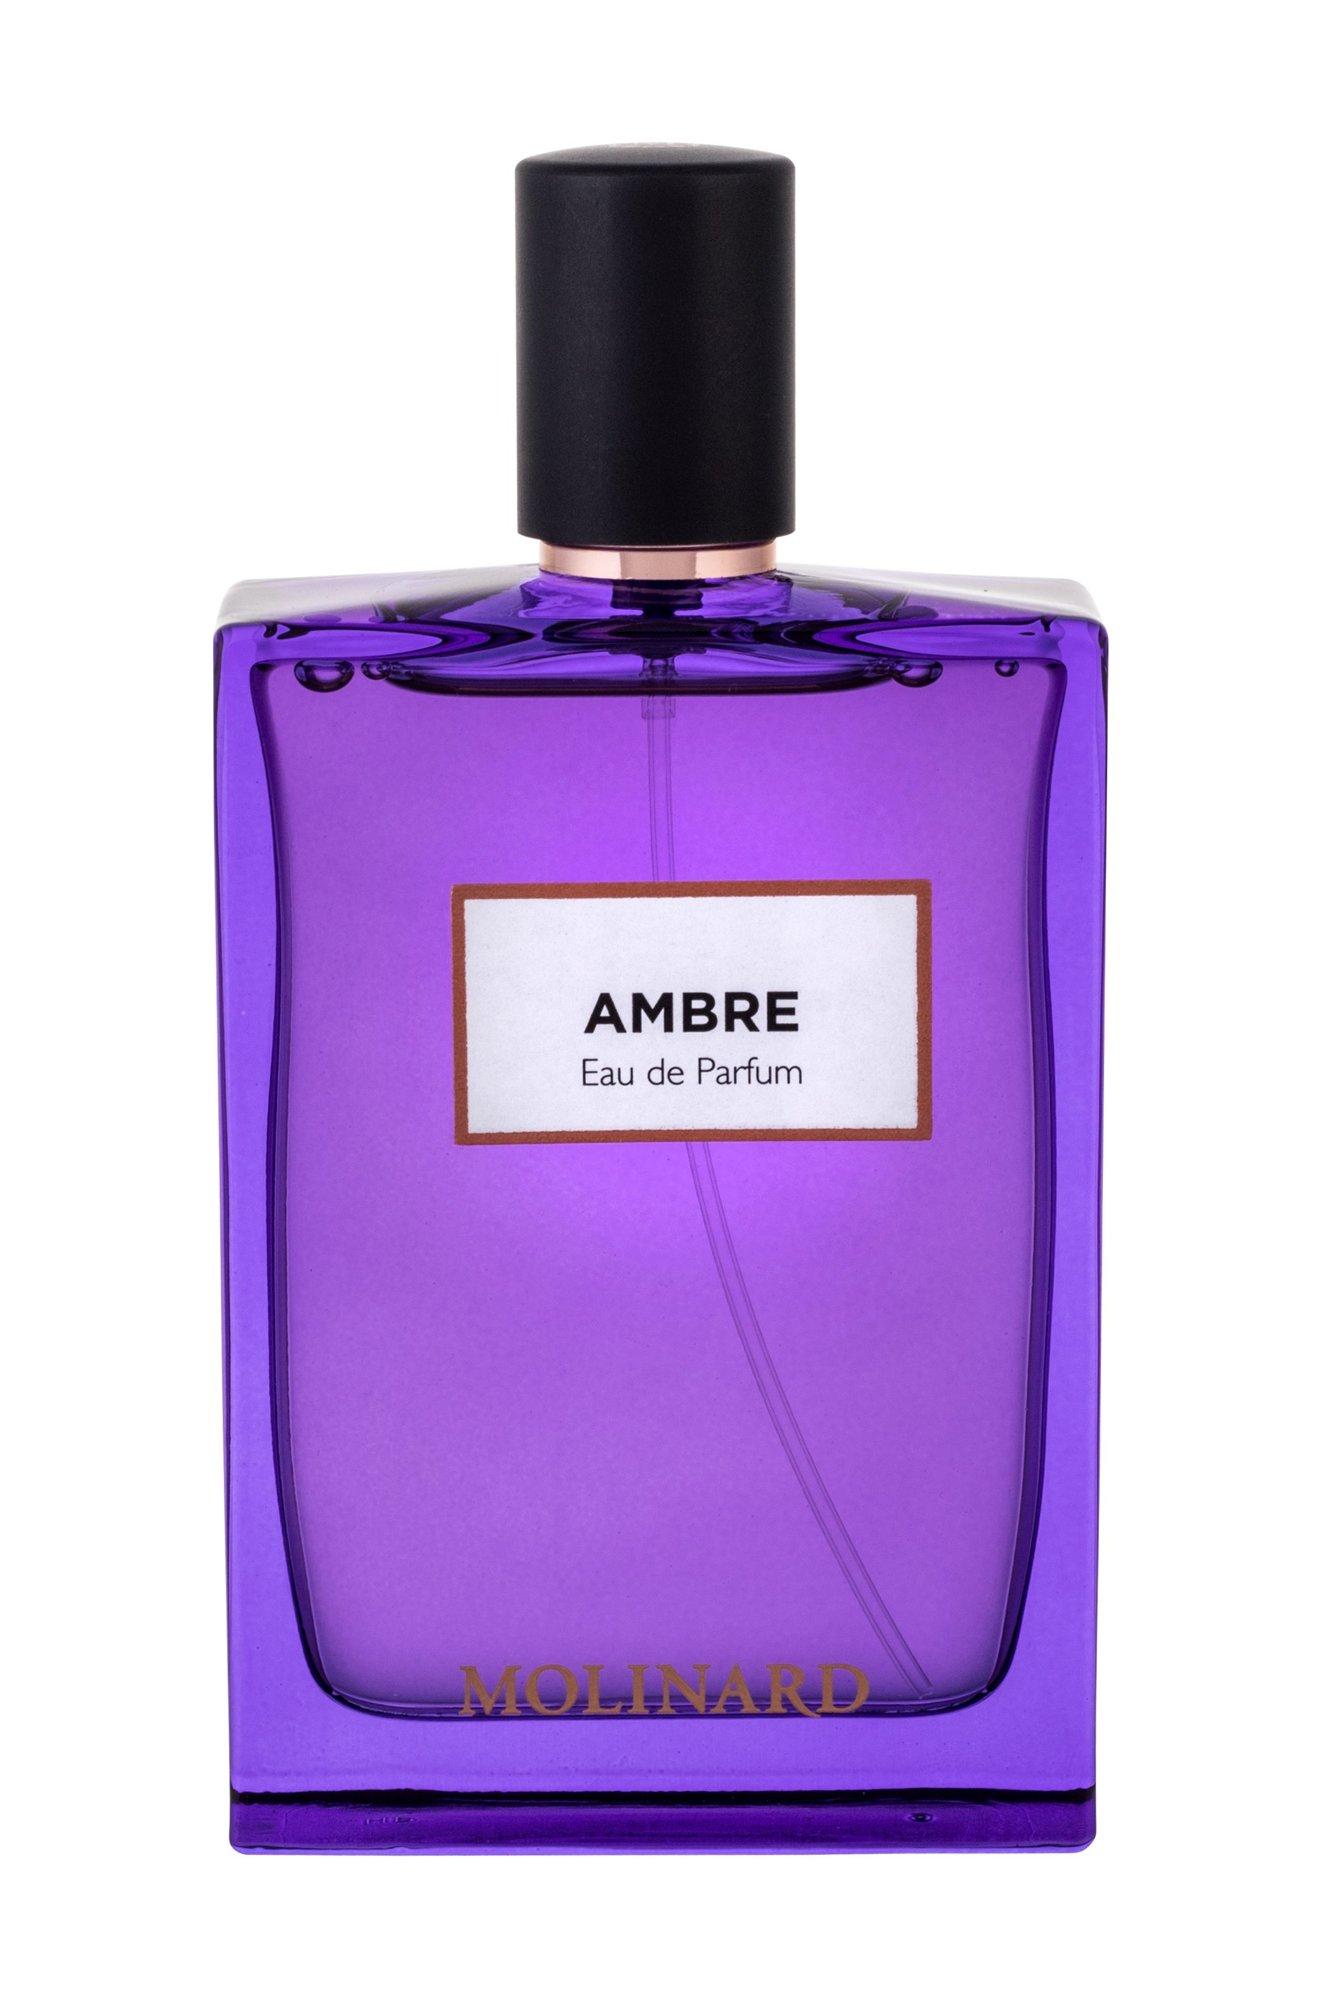 Molinard Les Elements Collection Ambre Eau de Parfum 75ml